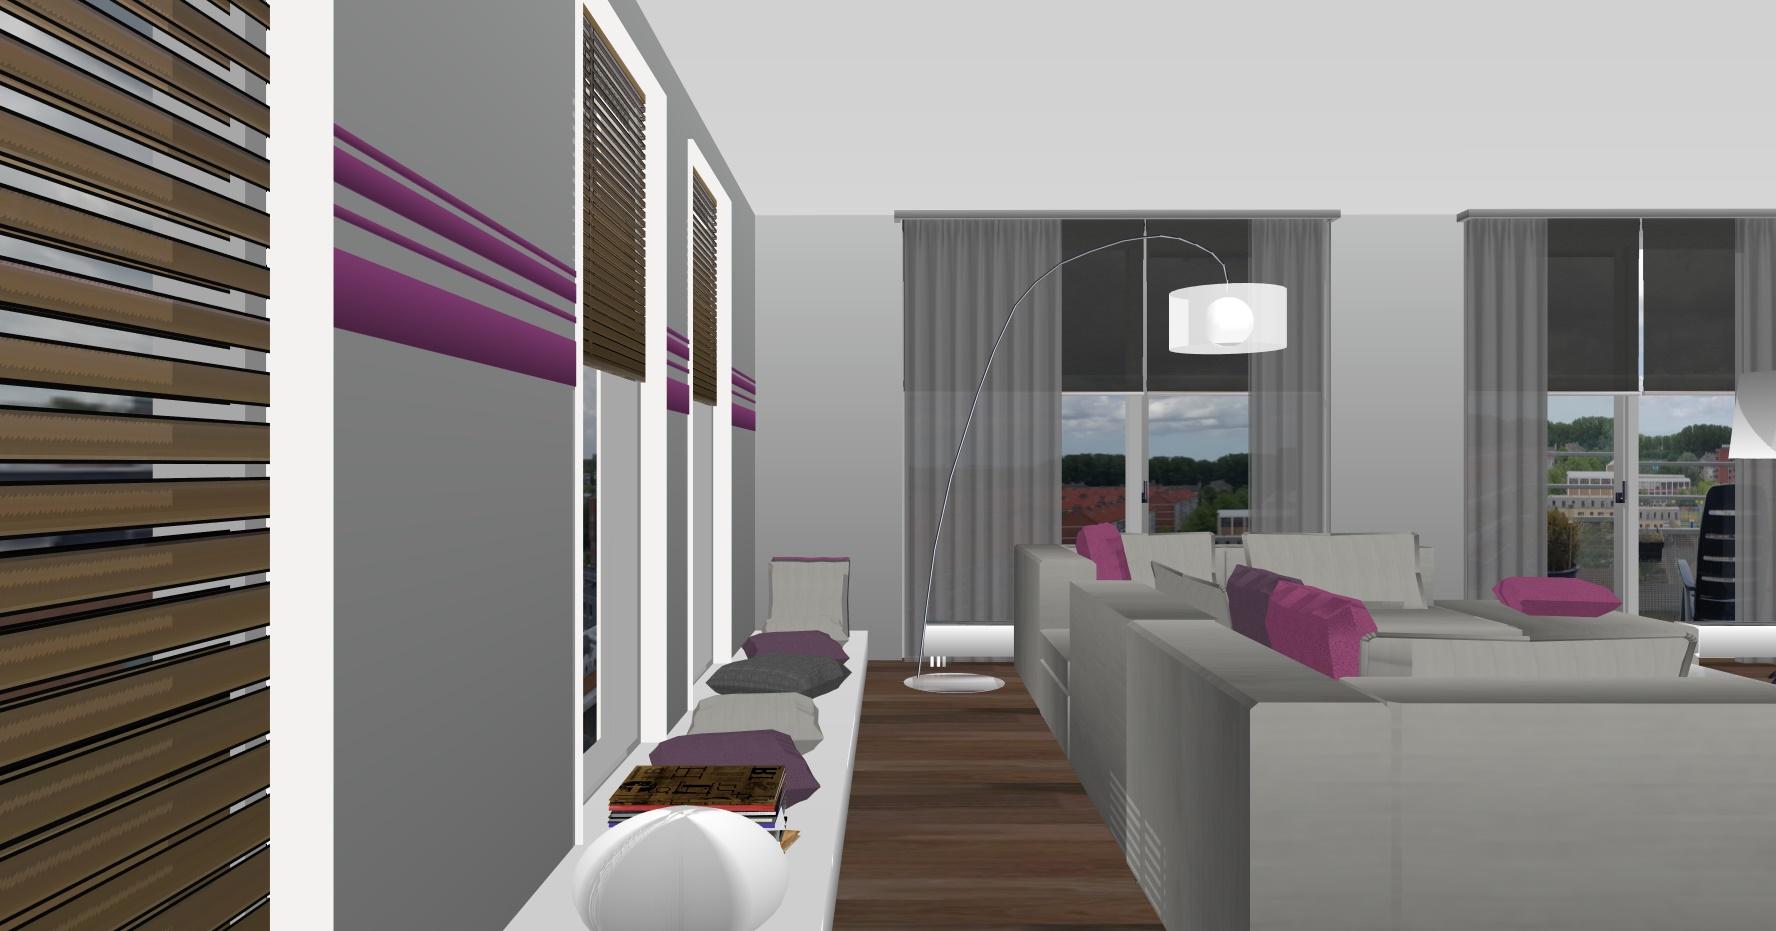 Waar vind ik een goede interieurontwerper? - Gratis Backlinks Plaatsen